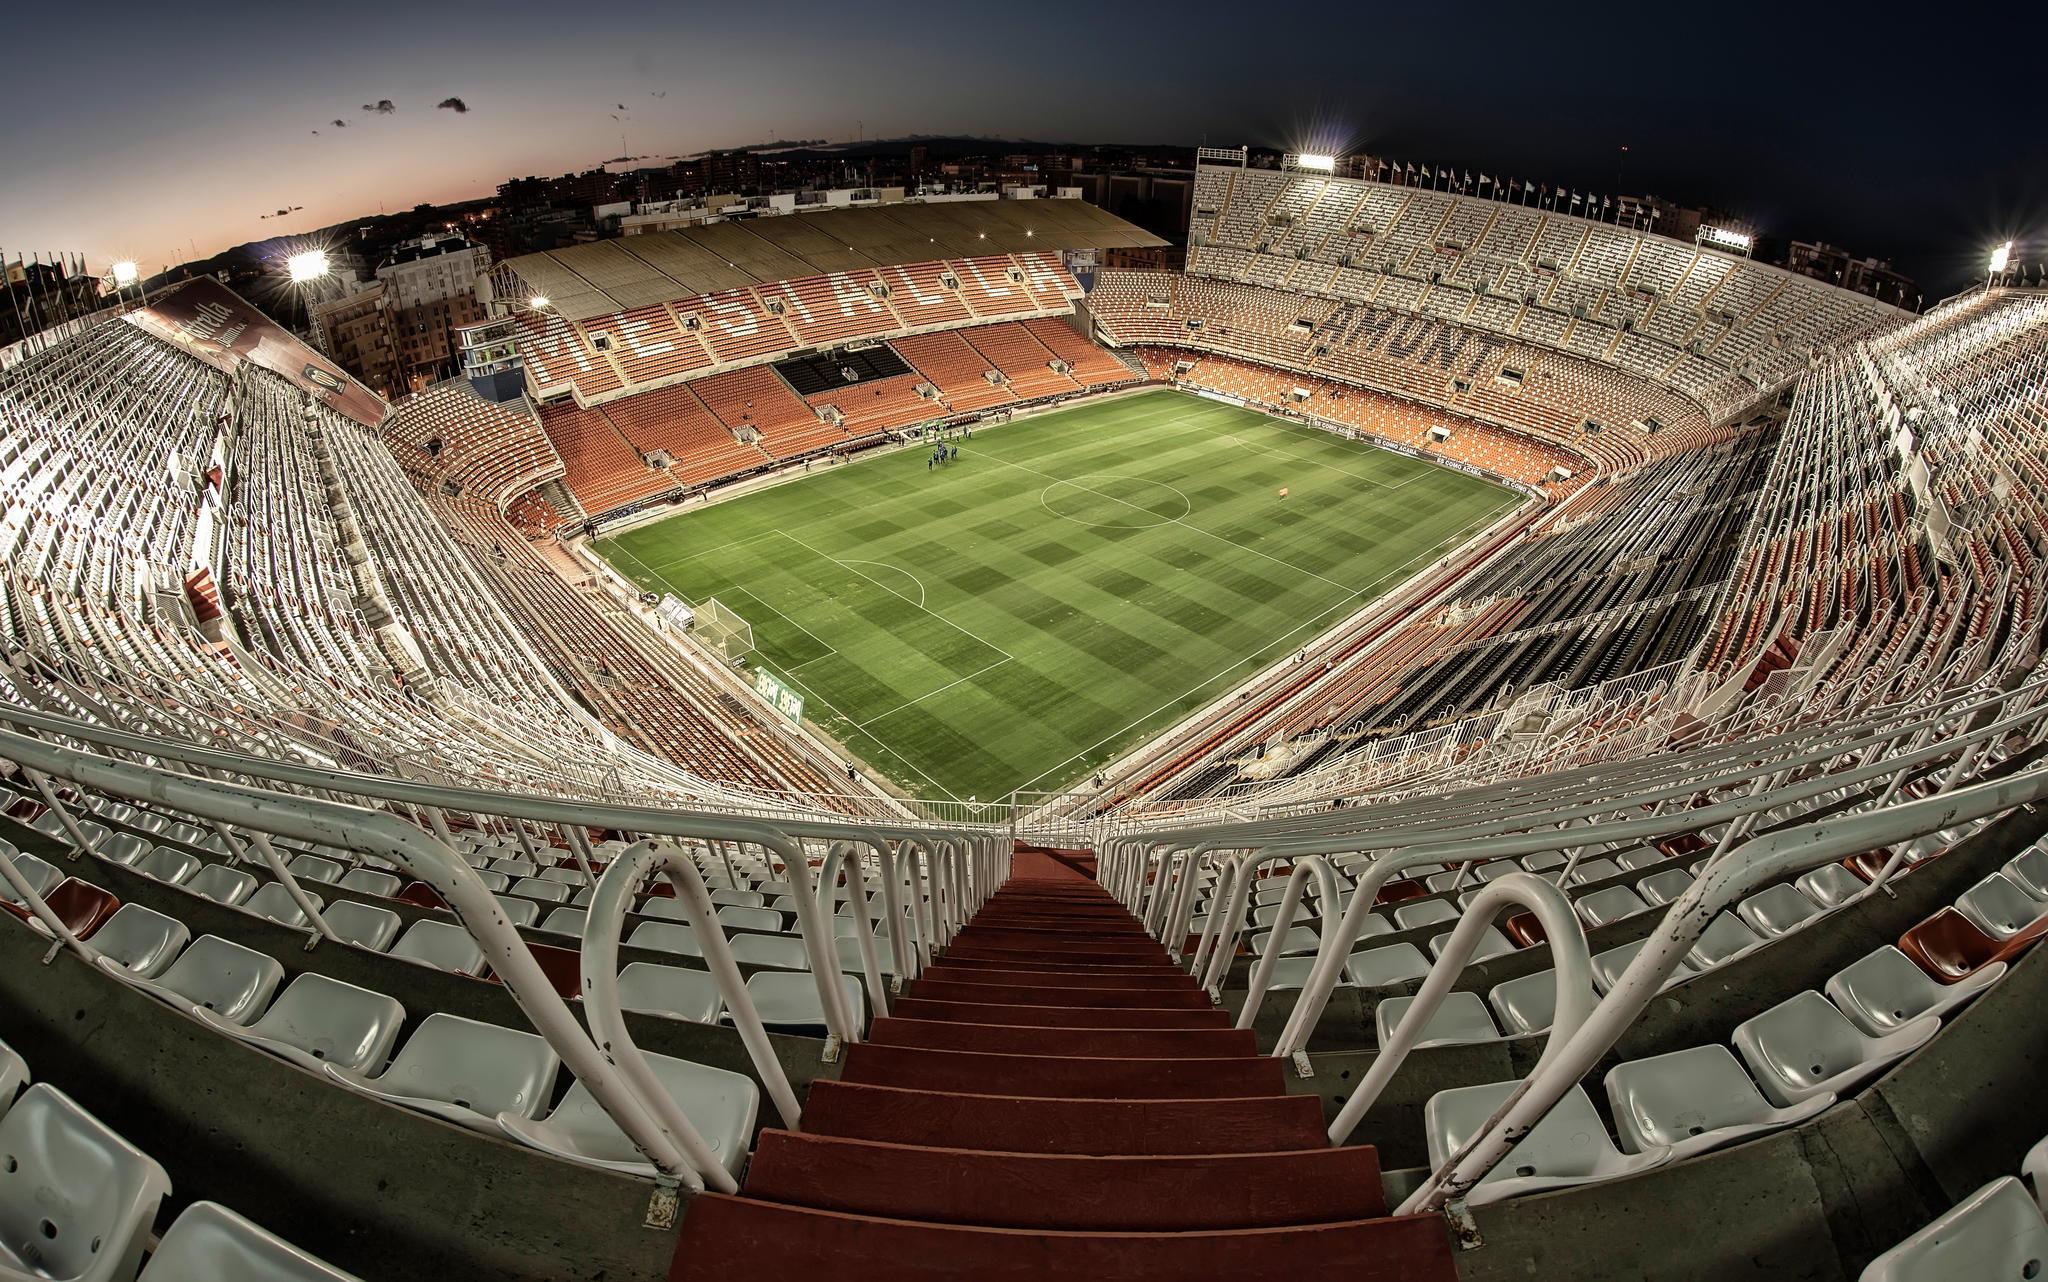 ¿Quién juega en Mestalla?